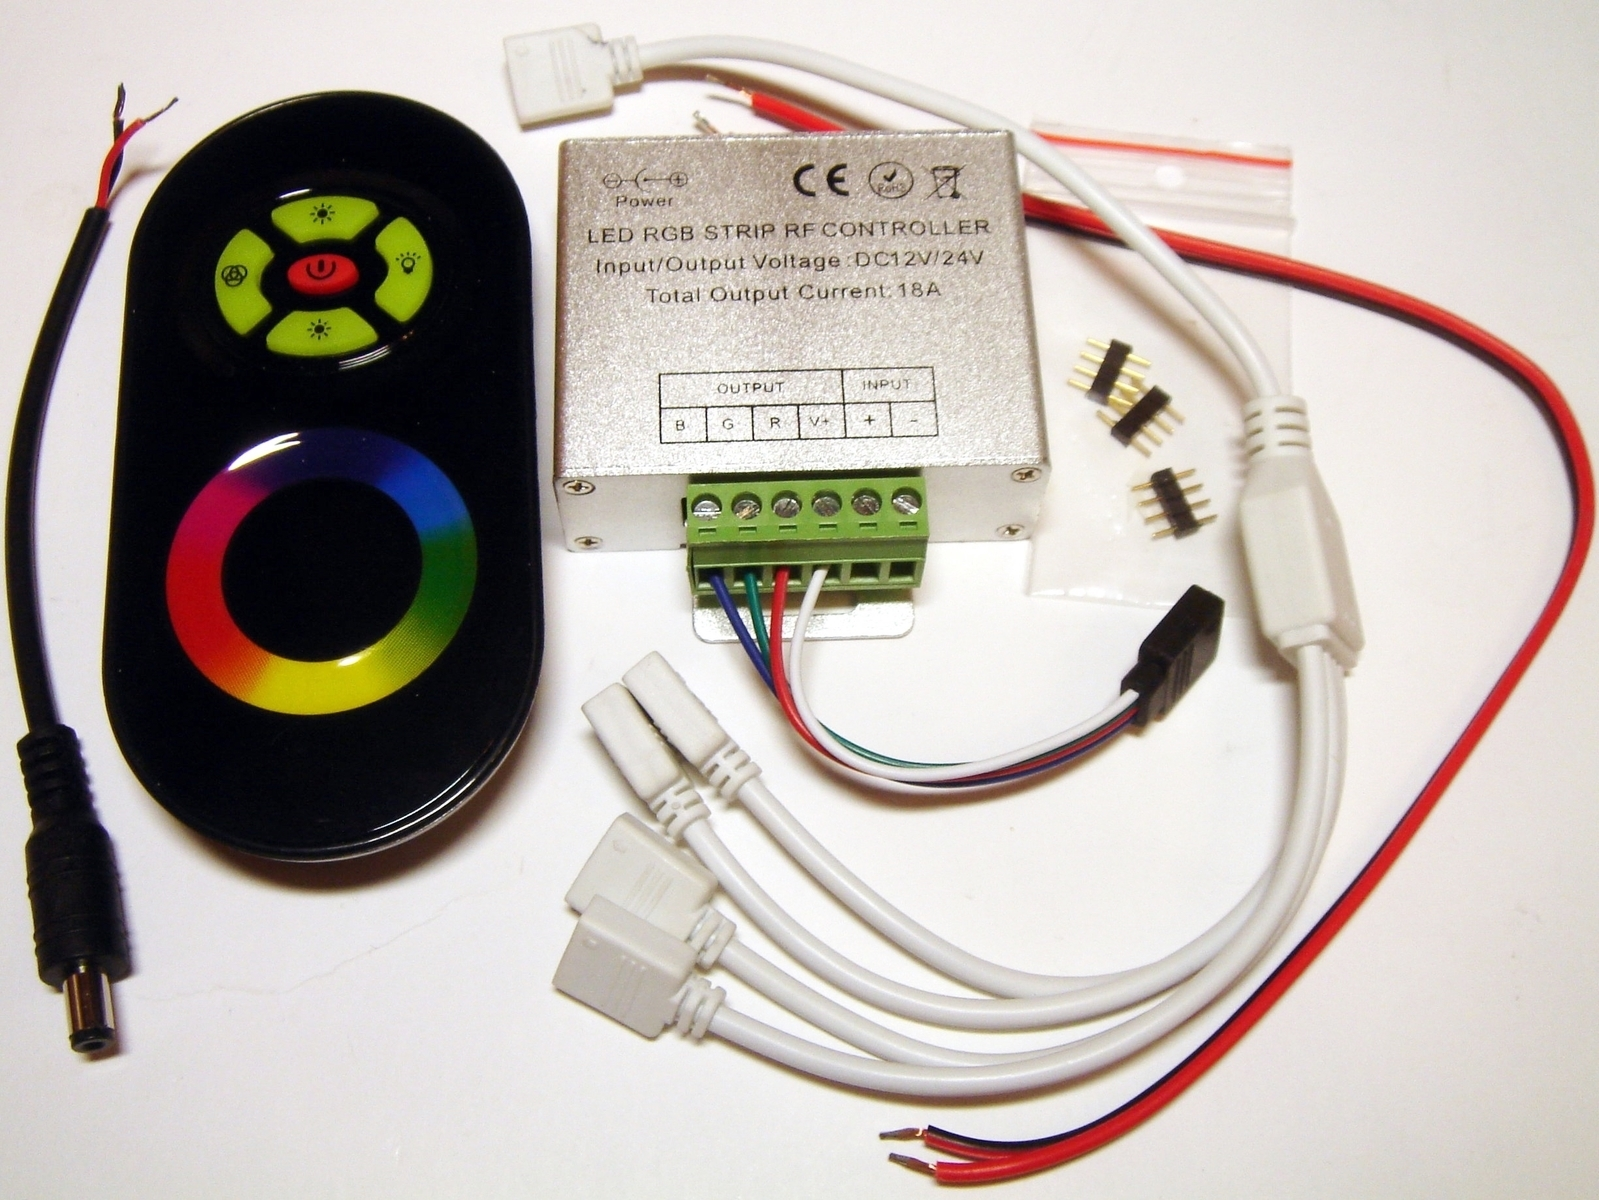 89d398f01c7 RGB kaugjuhtimispult ja vastuvõtja LED riba juhtimiseks, kontroller ...